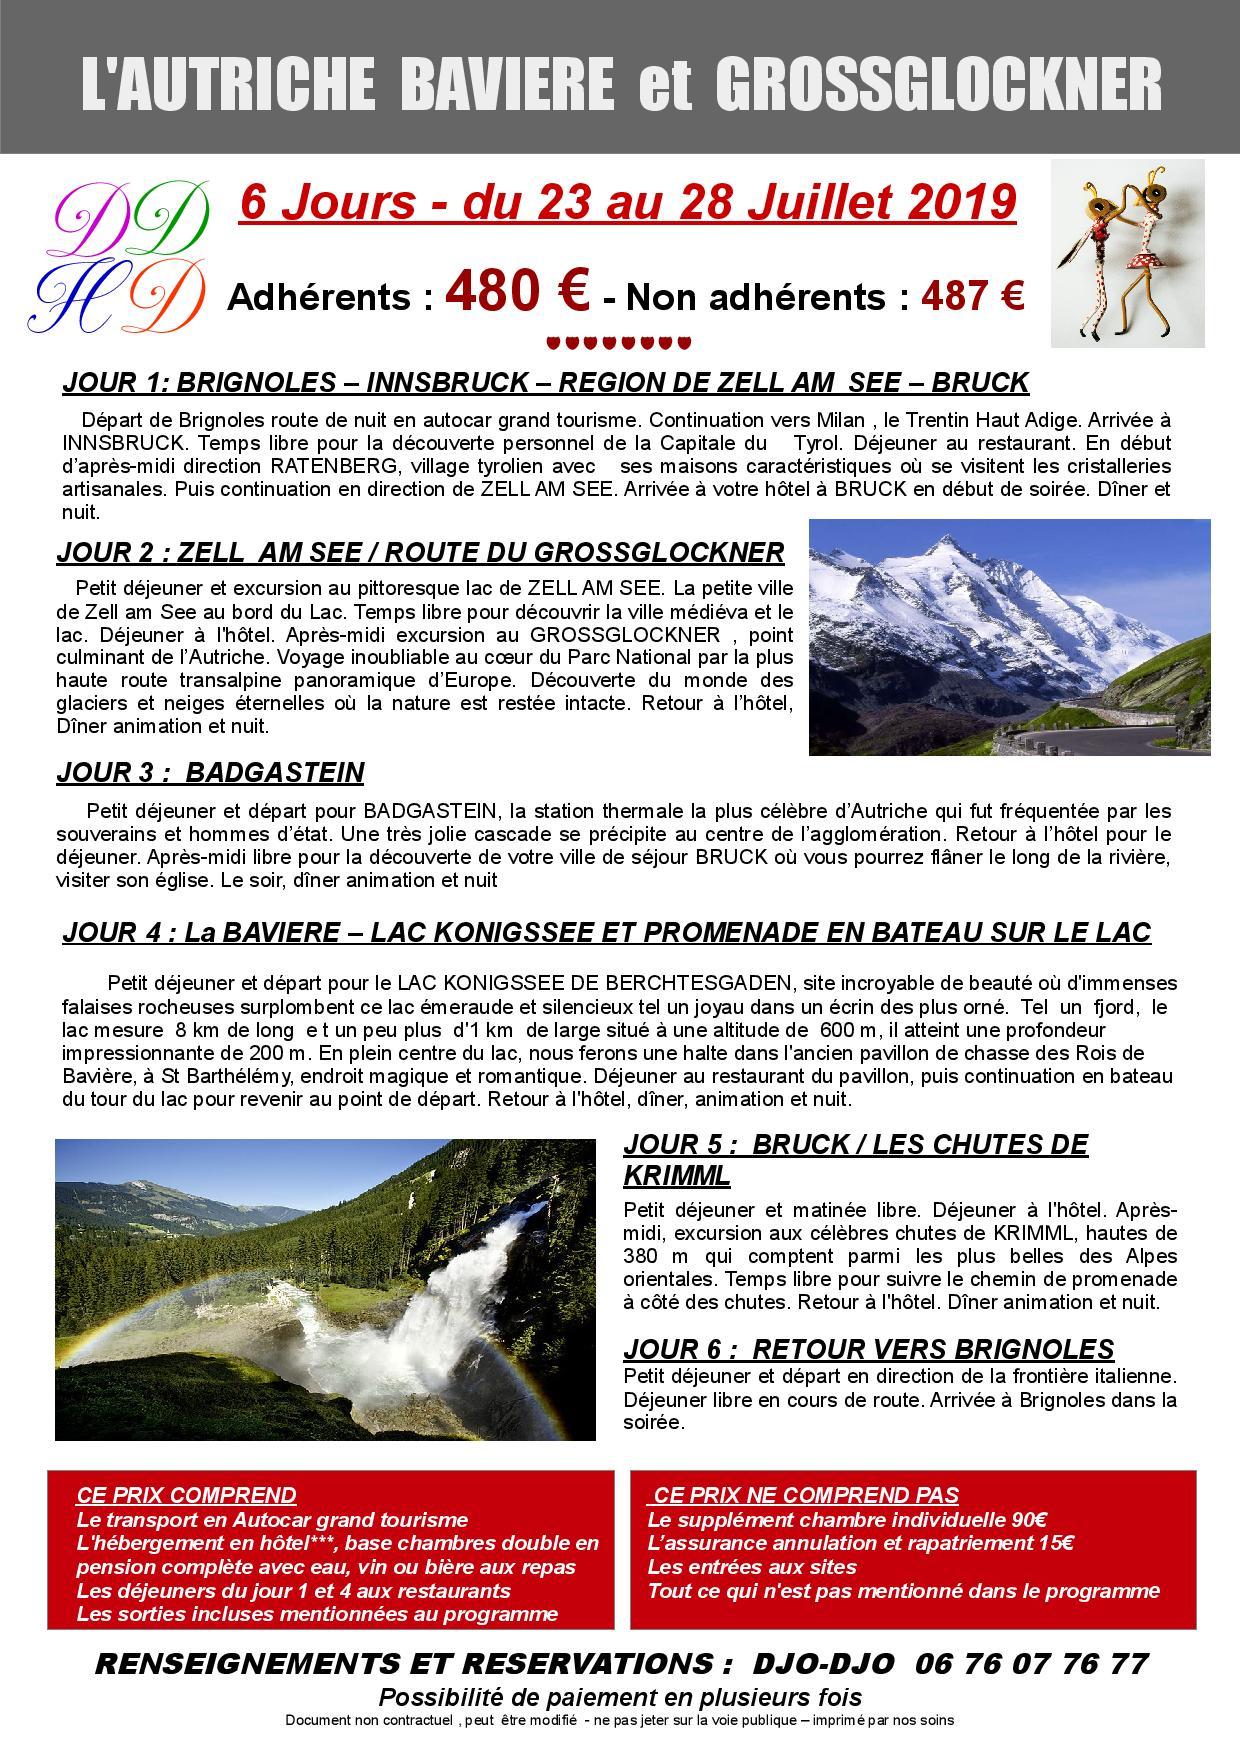 Autriche juillet 2019